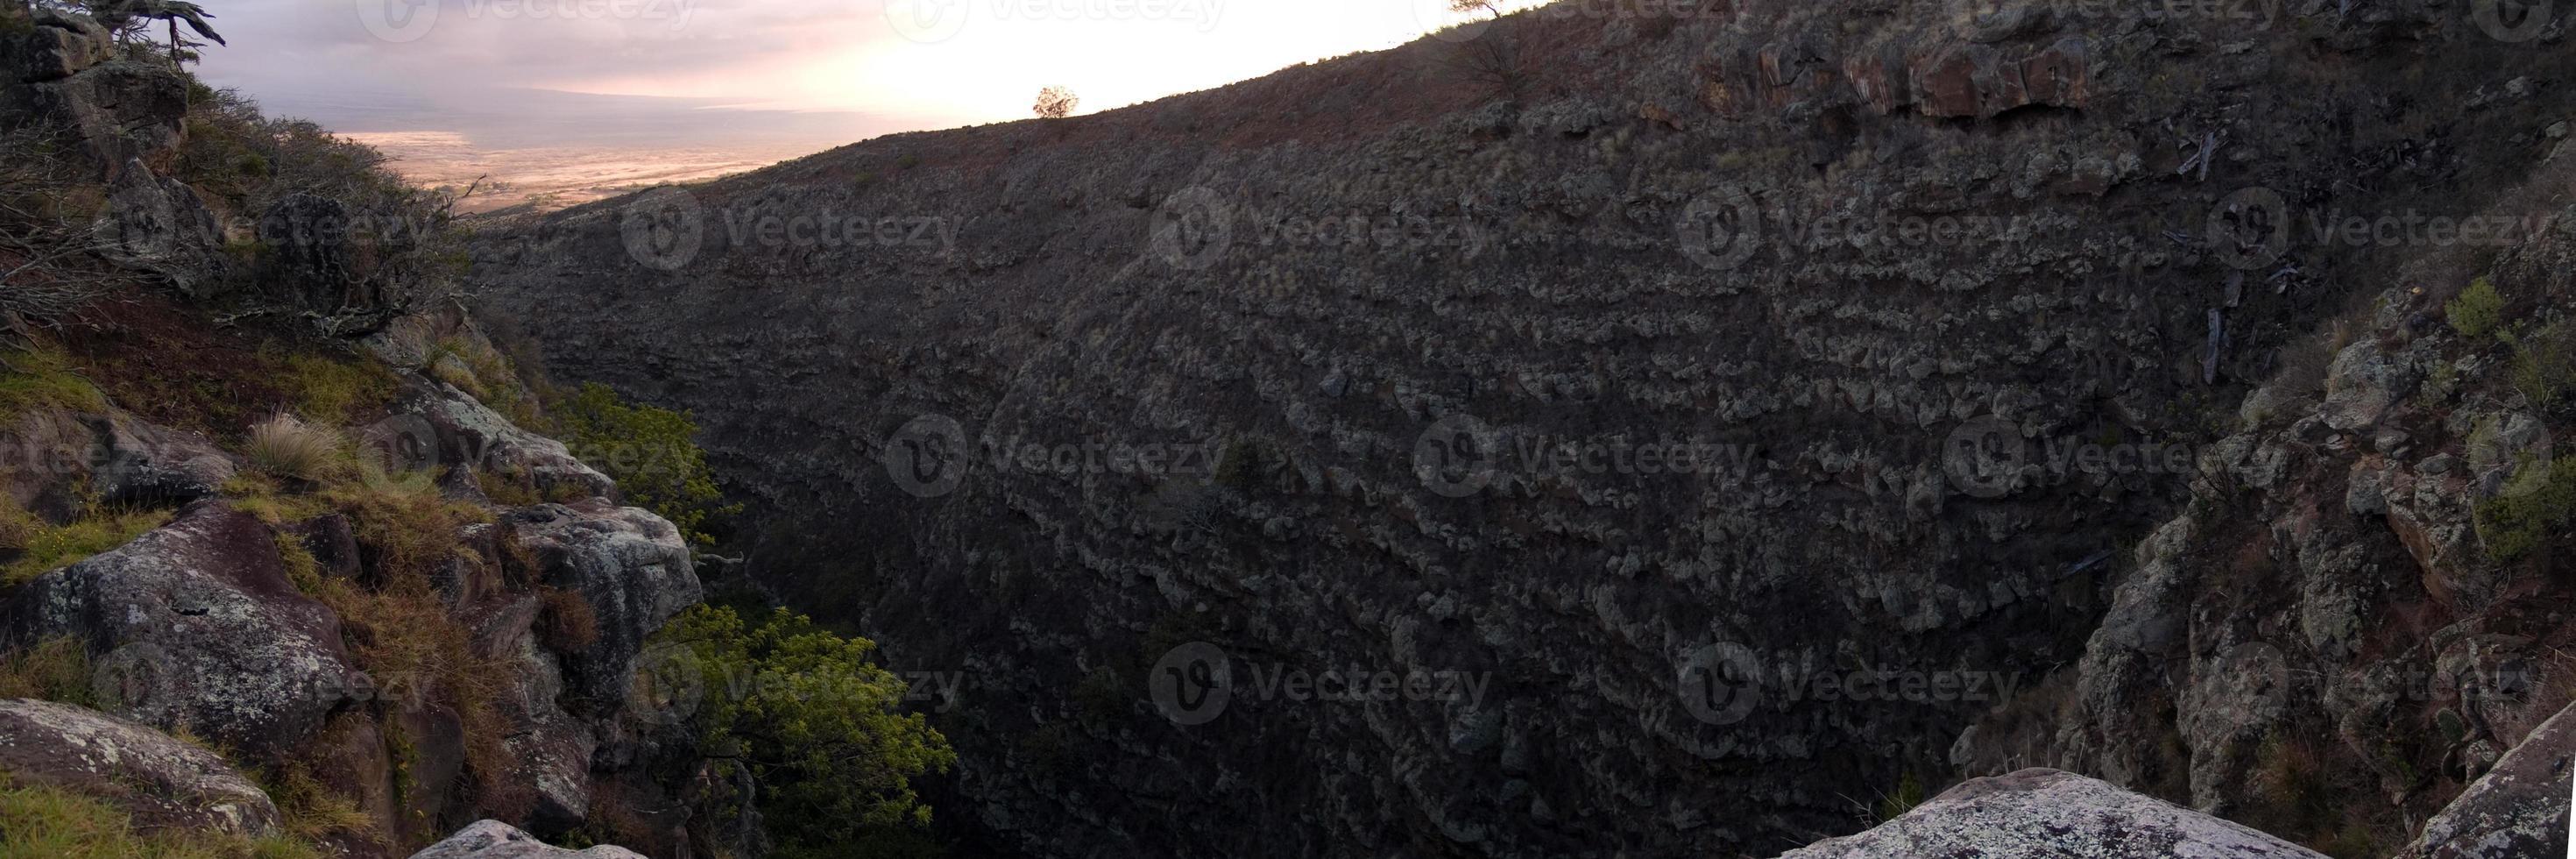 Canyon at dusk photo